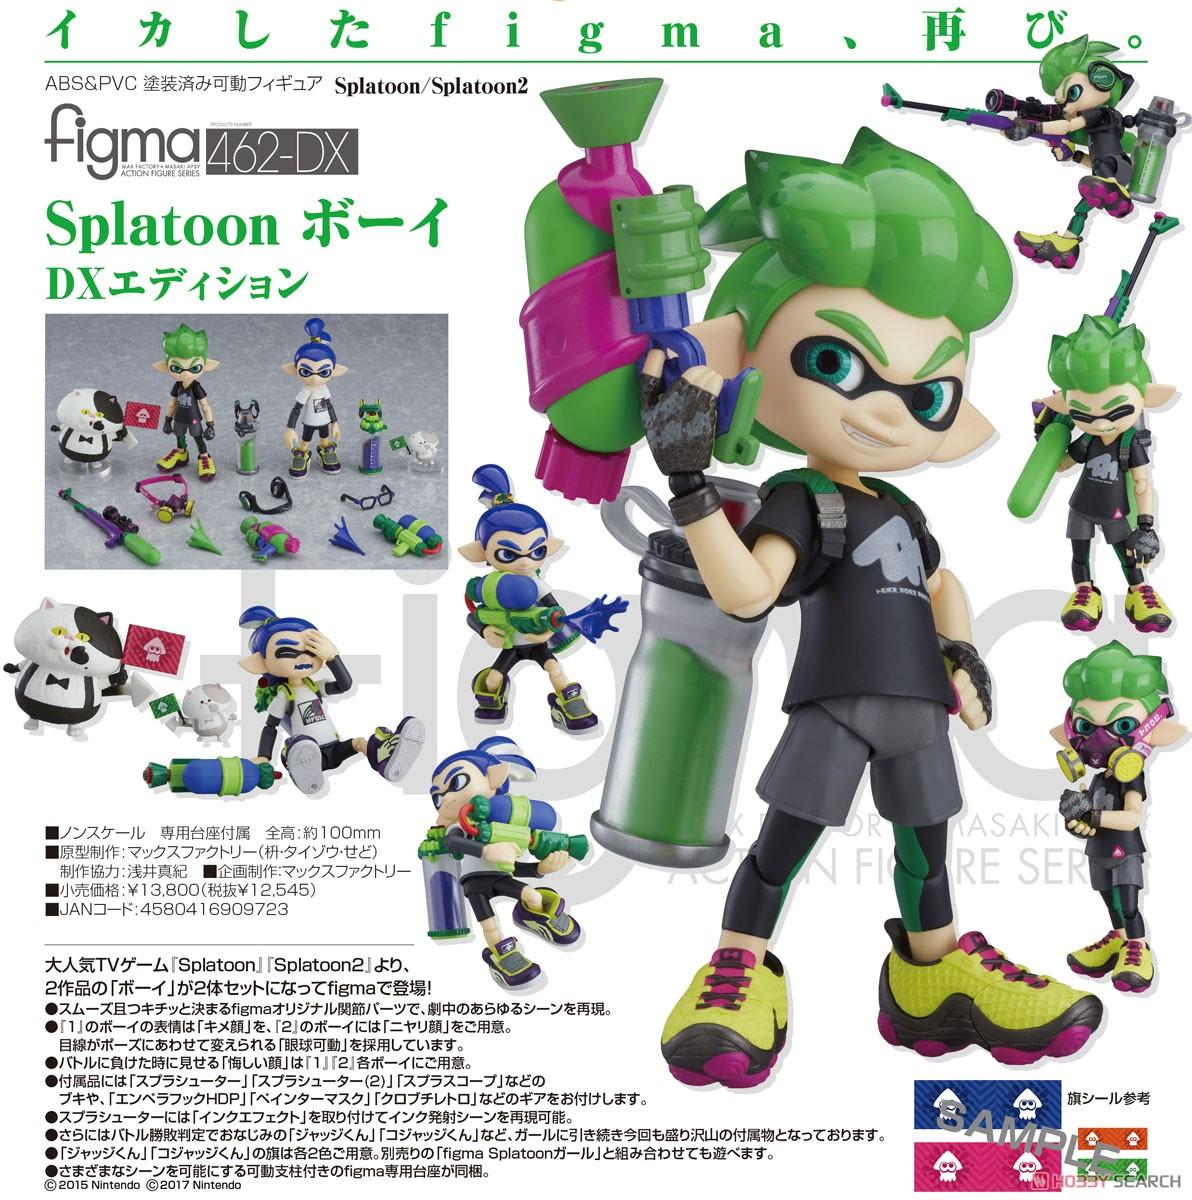 figma『Splatoon ボーイ DXエディション』スプラトゥーン 可動フィギュア-013